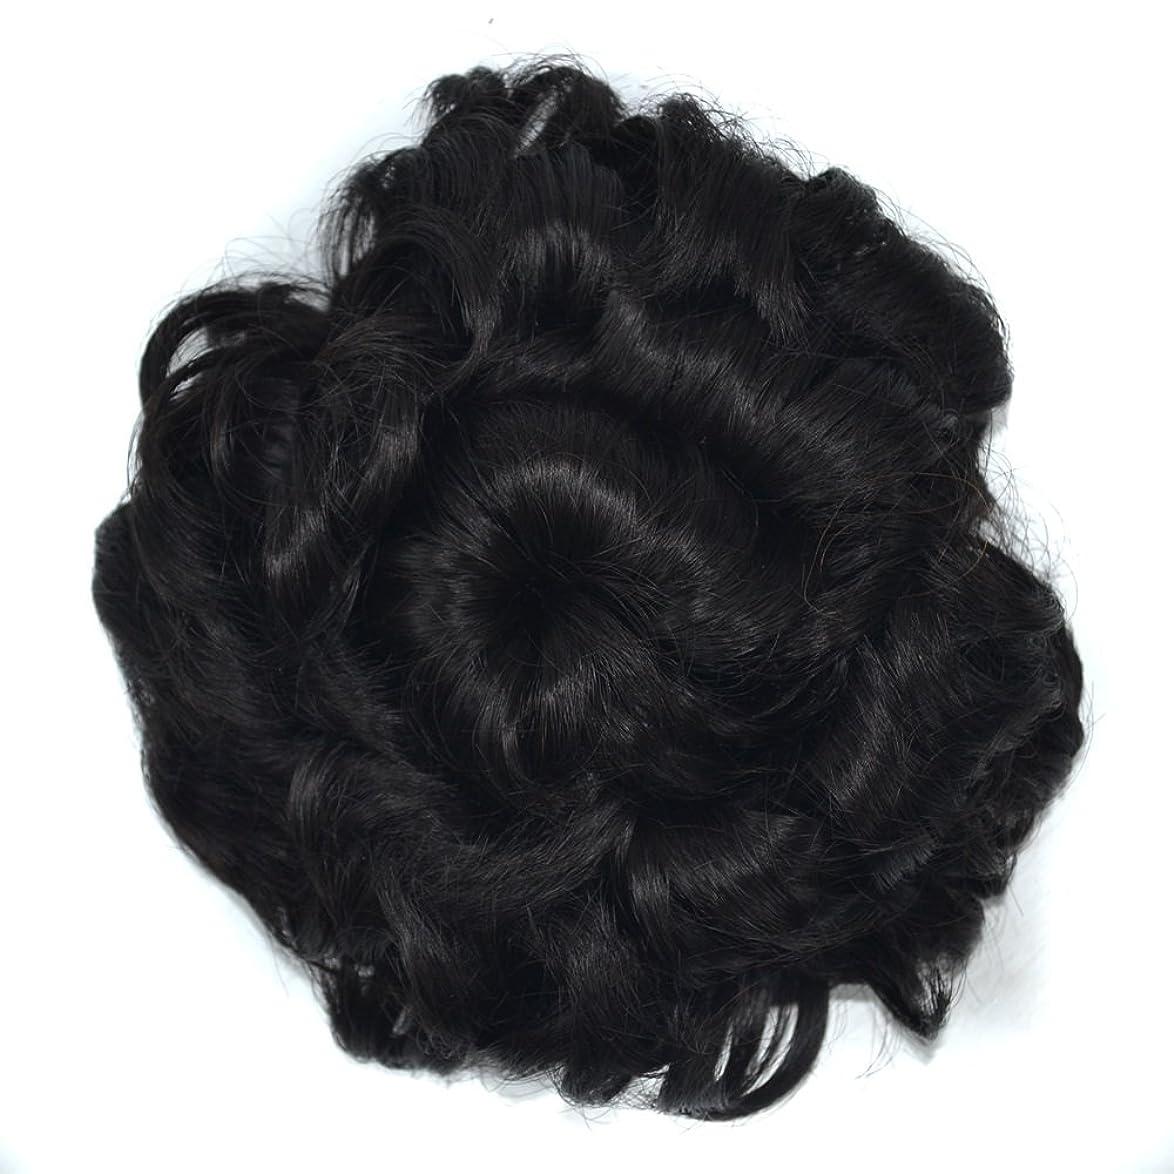 喉が渇いたセマフォ摘むJIANFU 波状のカーリーメシーヘアエクステンションウィッグシェイプのボタン付き巾着とふわふわサンフラワーウィッグヘアピース女性のヘアバンエクステンション (Color : Natural color)